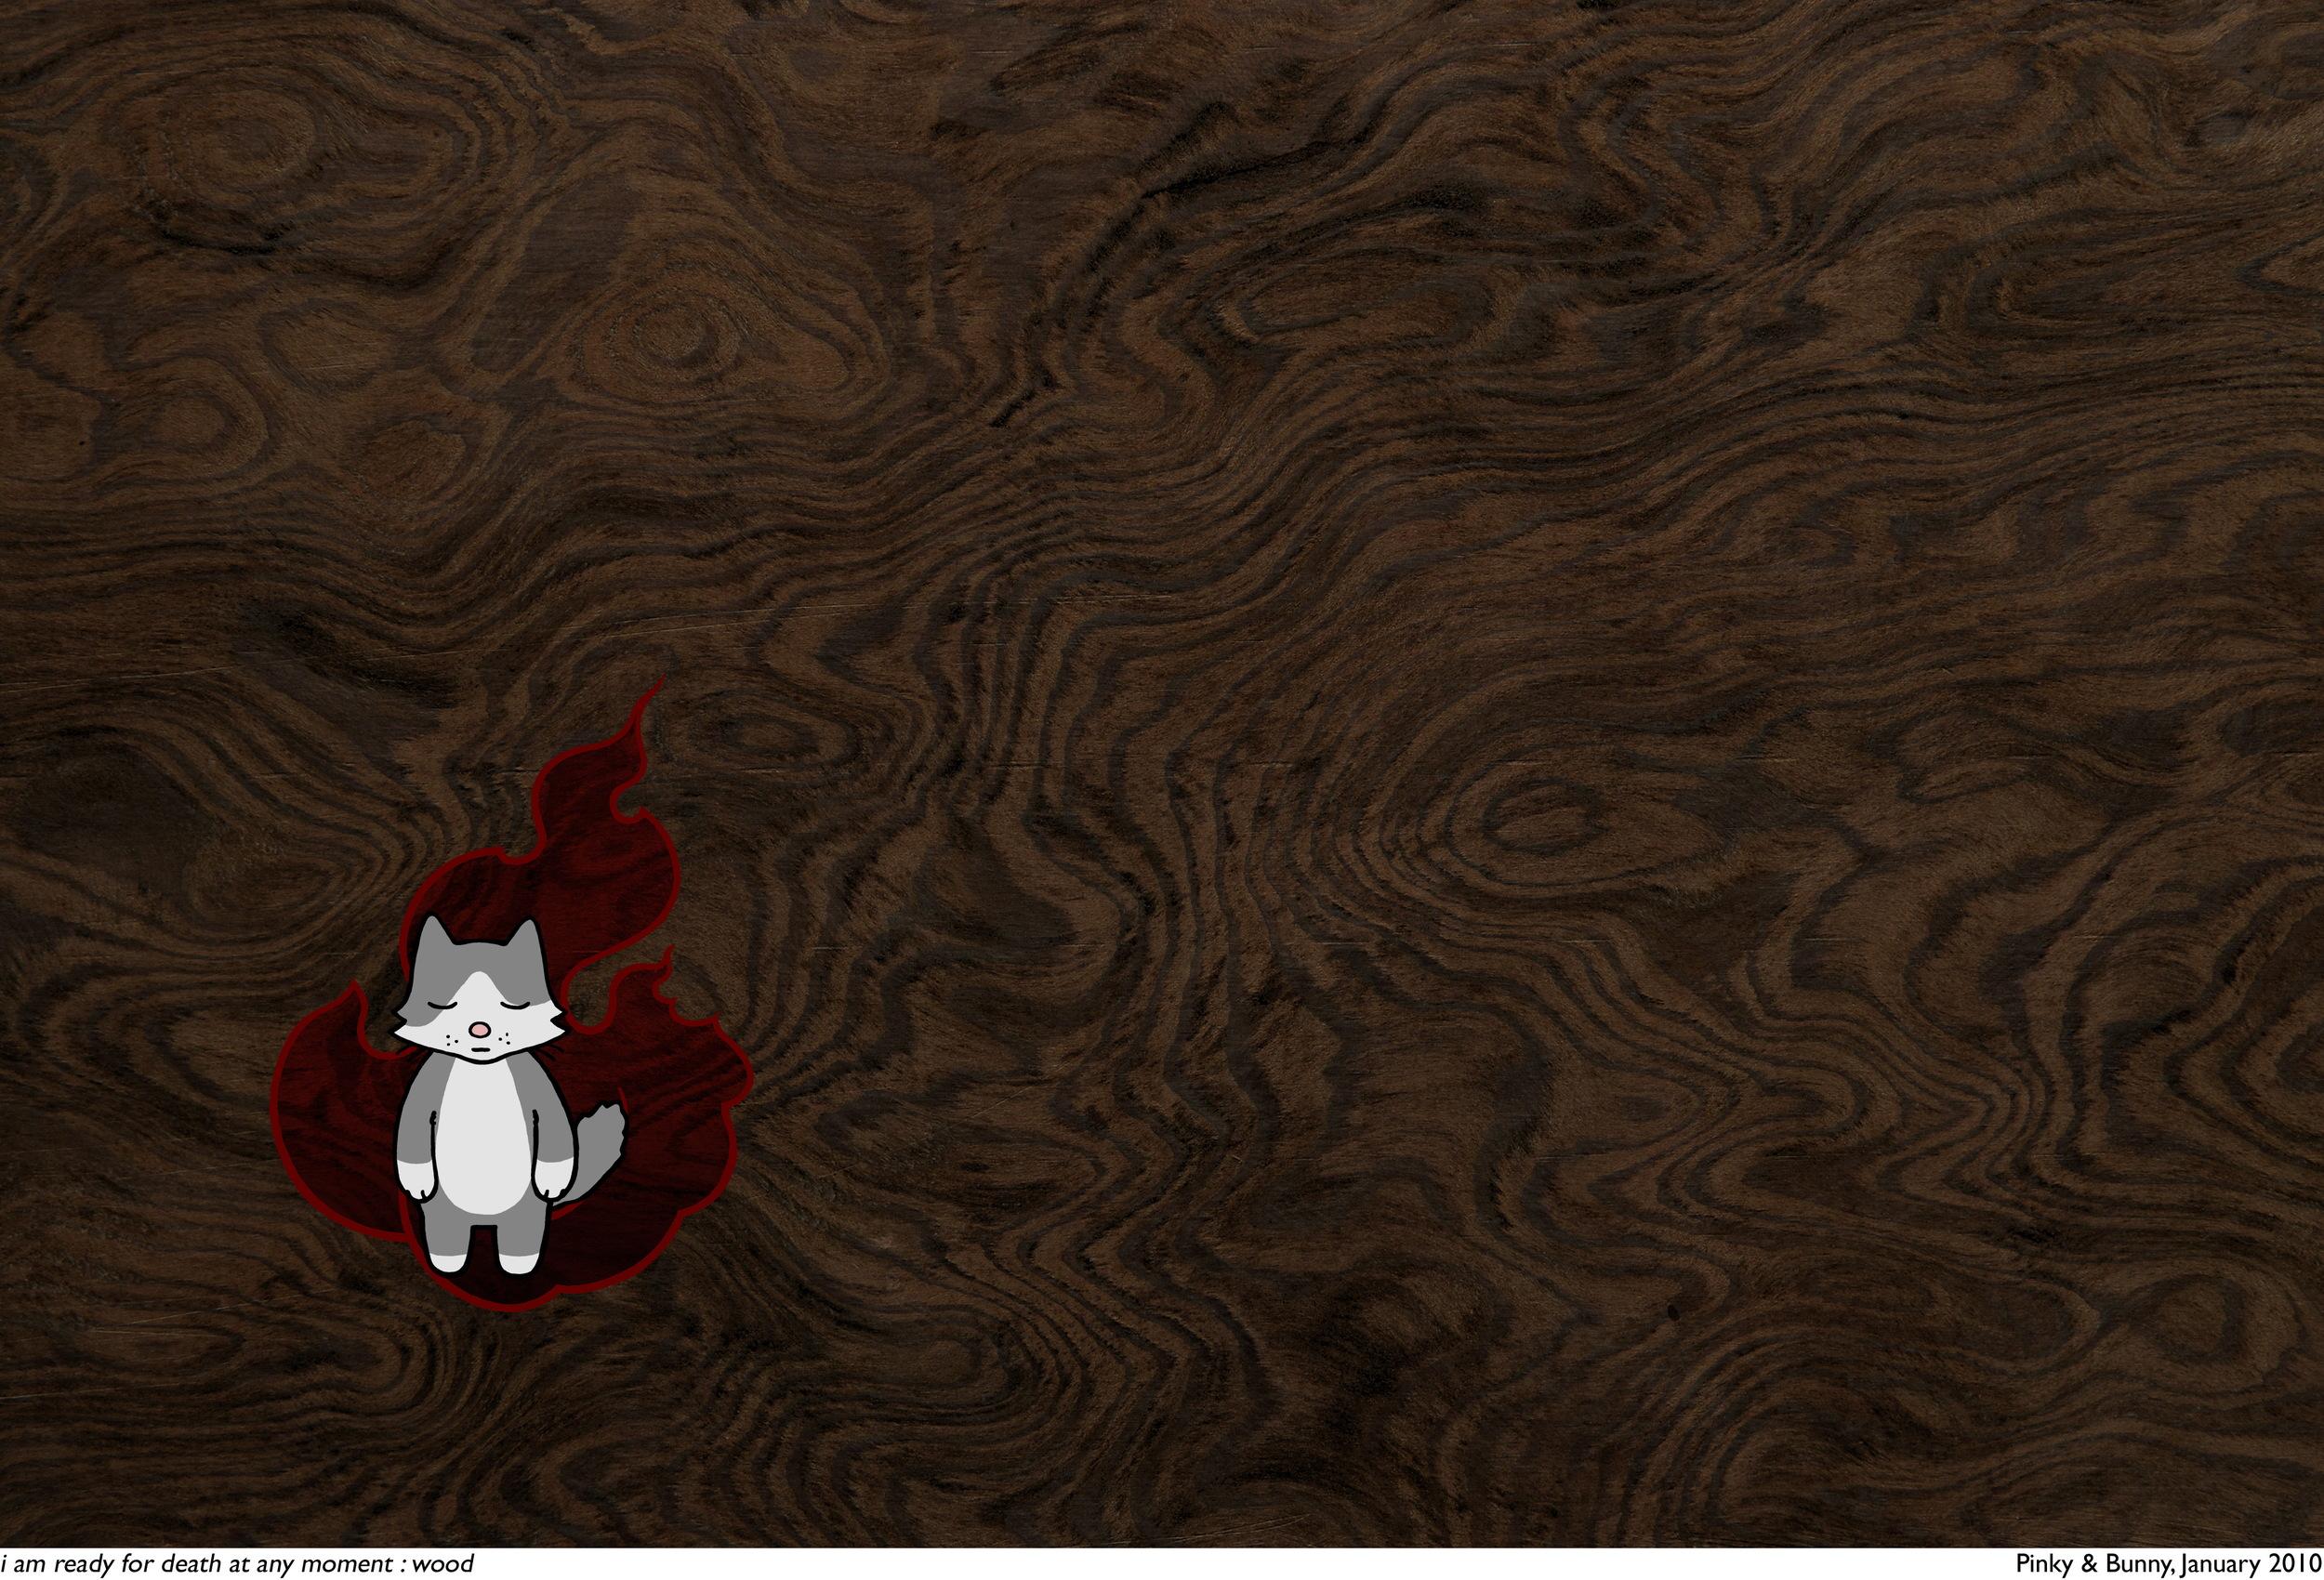 iamready_wood-bunny_v02_signed.jpg